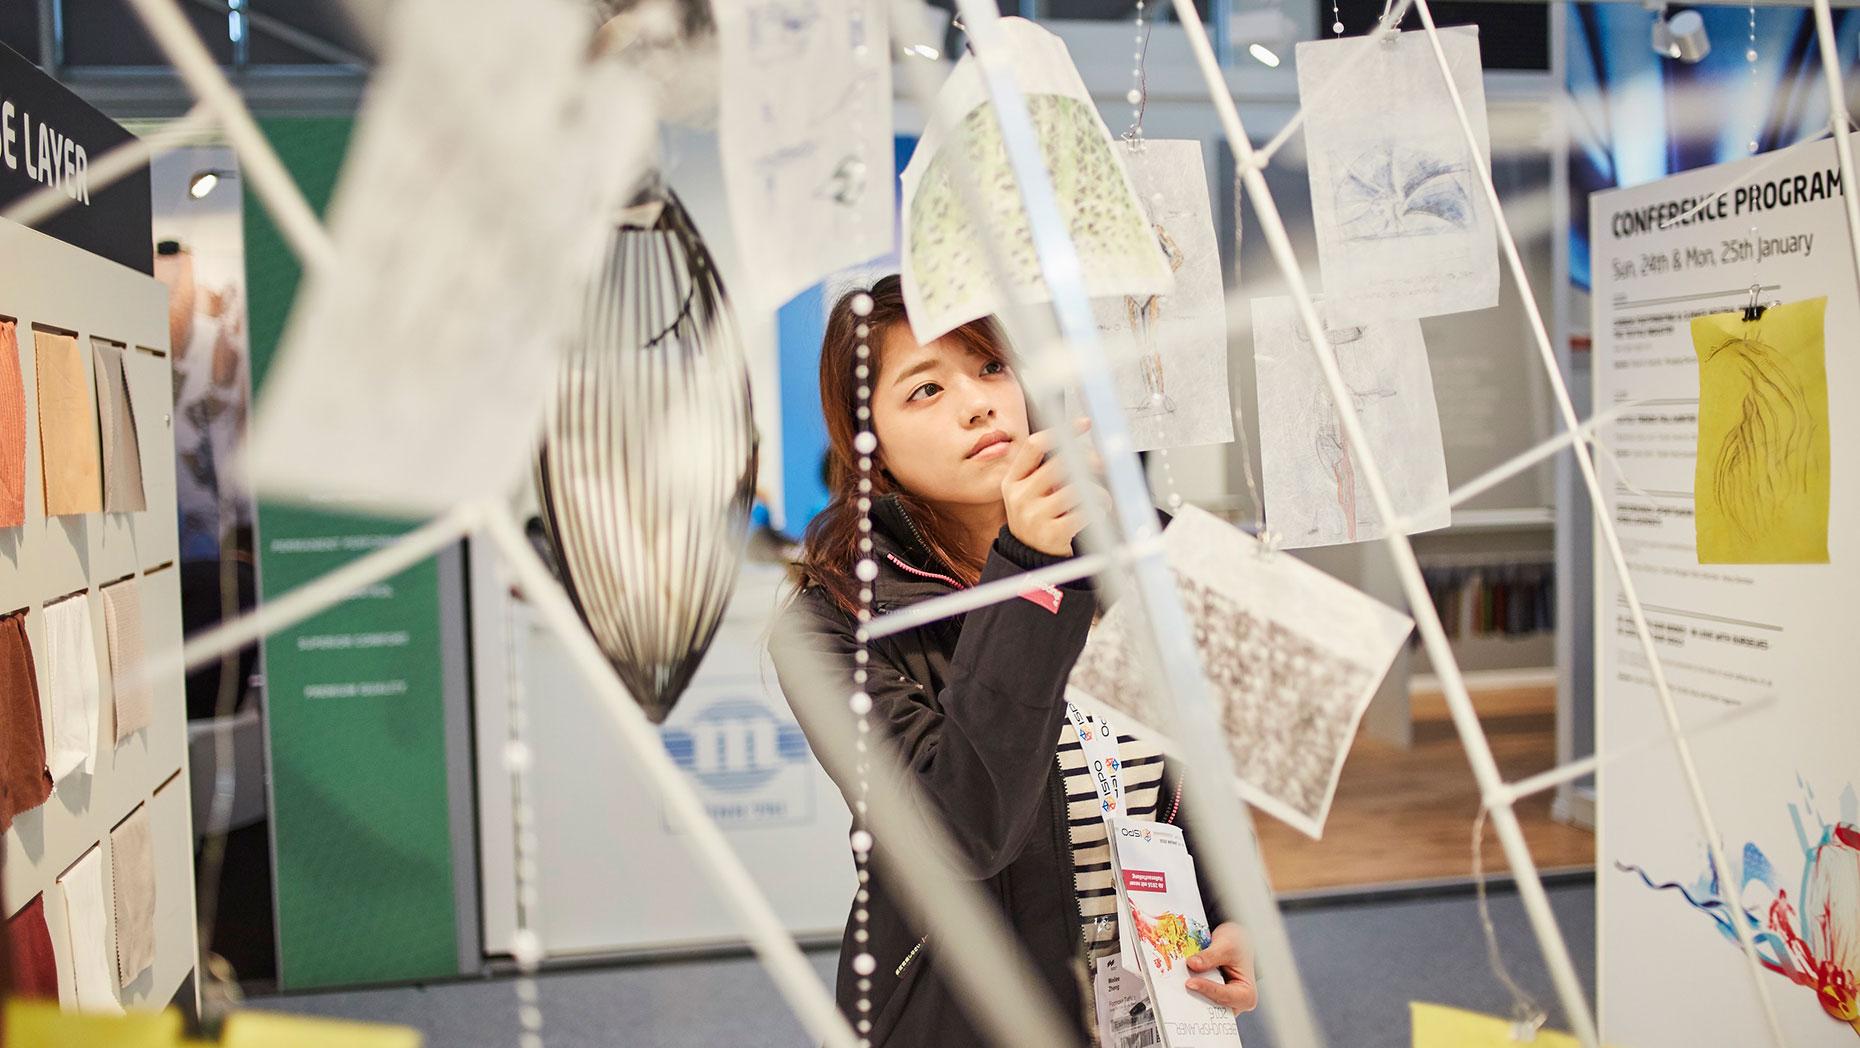 ISPO, TexTrends, Shanghai, Sports Tech Asia, ferias de material deportivo, ferias de moda deportiva, Feria de Munich, salones de moda deportiva, mercado deportivo en China